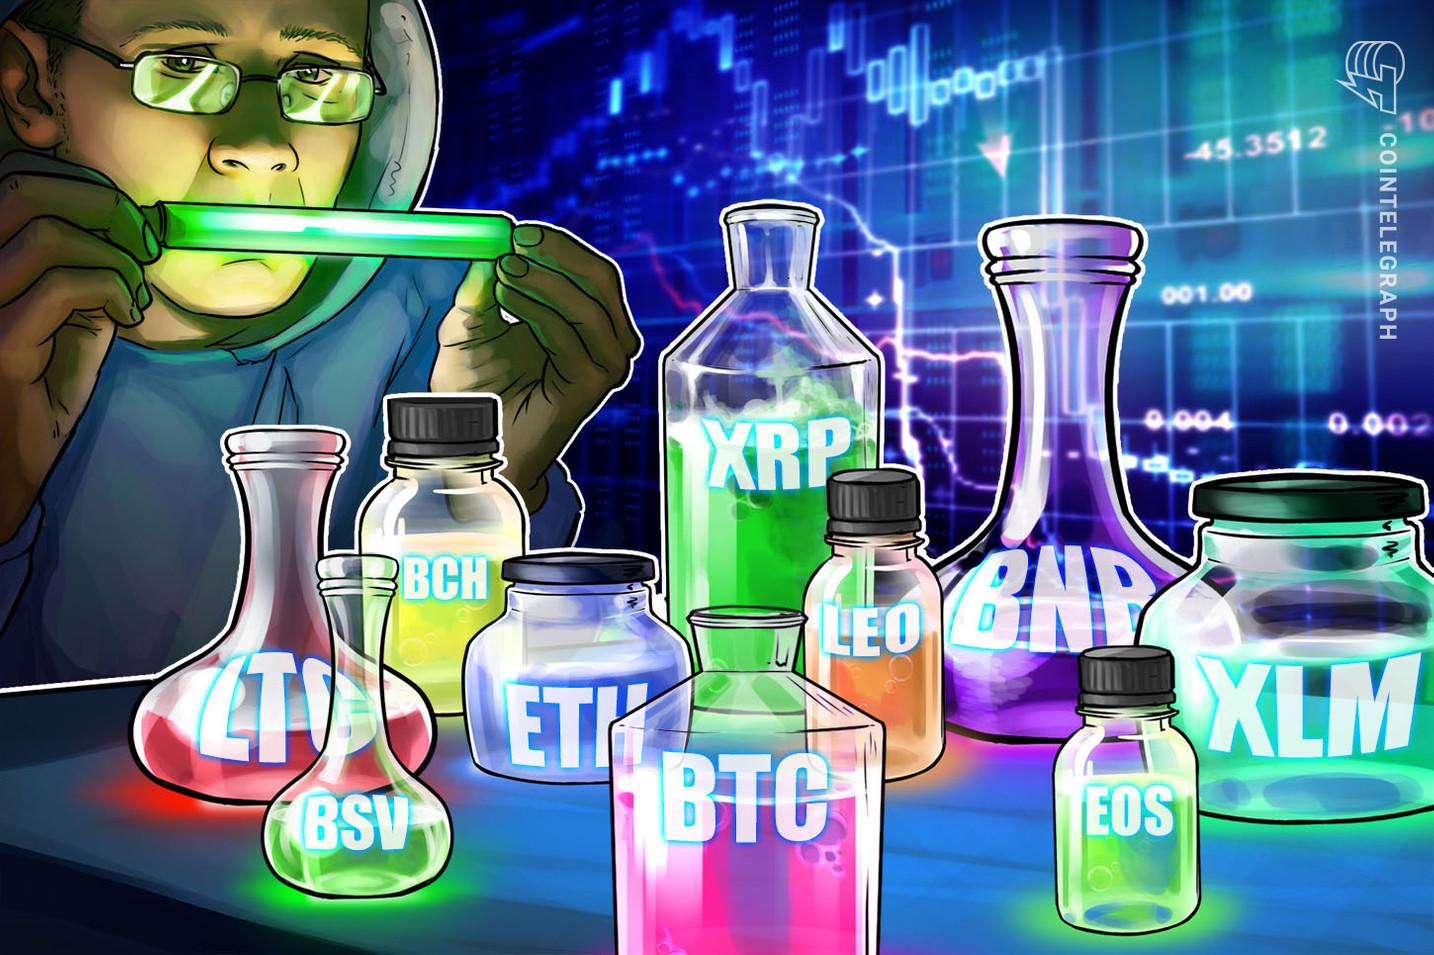 Análisis de precios 27/09: BTC, ETH, XRP, BCH, LTC, EOS, BNB, BSV, XLM, LEO